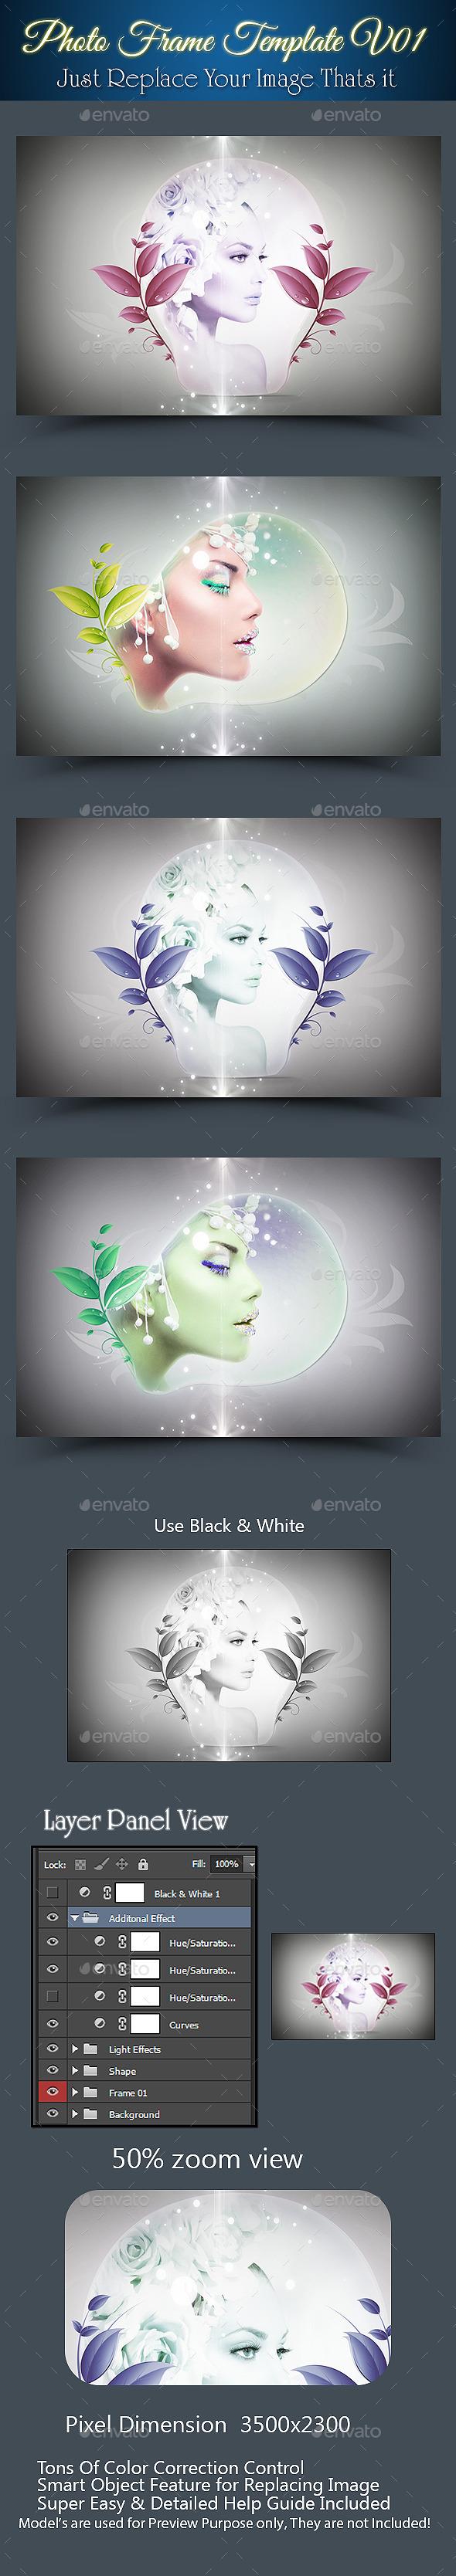 GraphicRiver Photo Frame Template V01 8952005